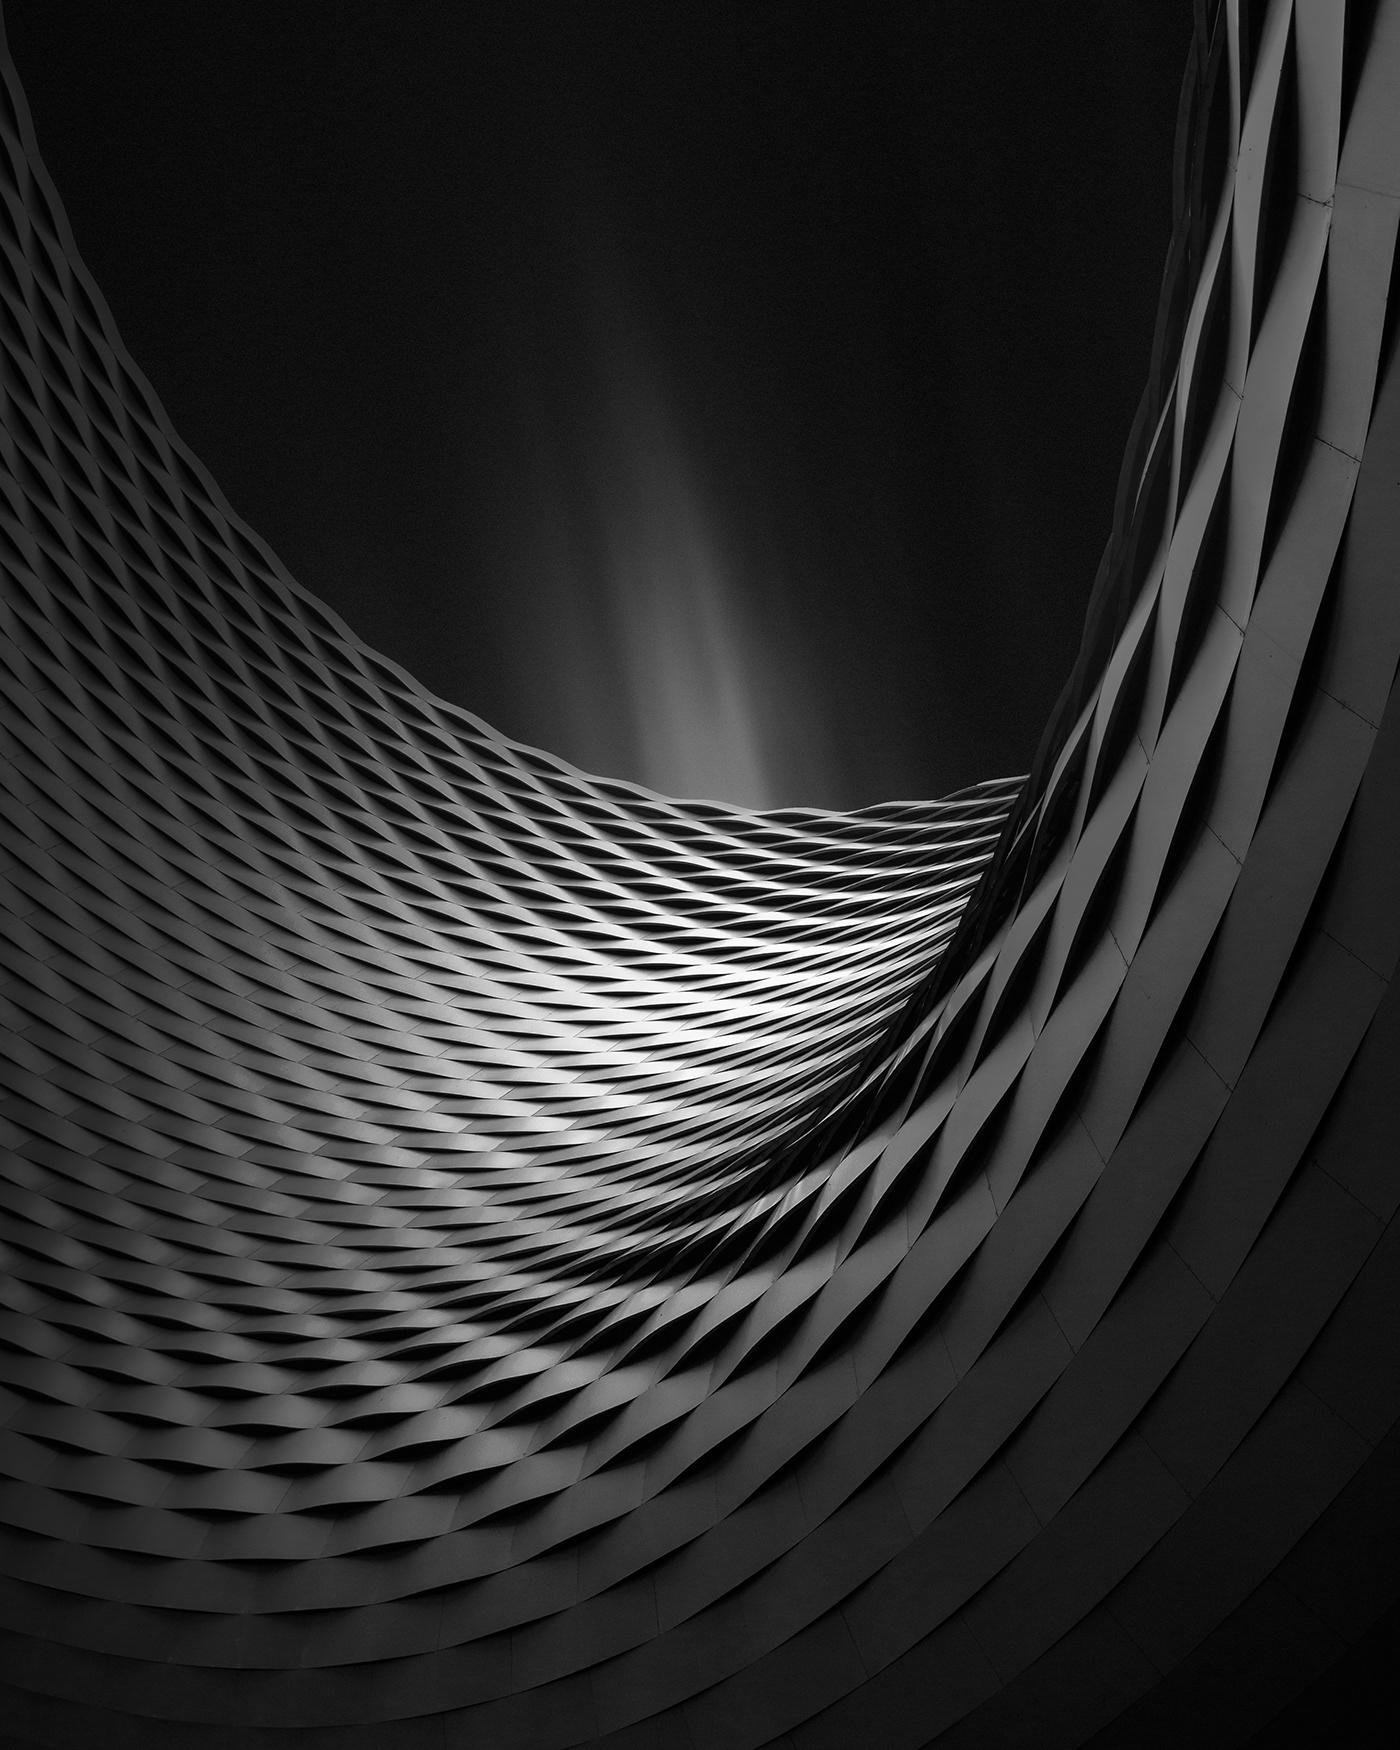 architecture Photography  fine art black and white monochrome